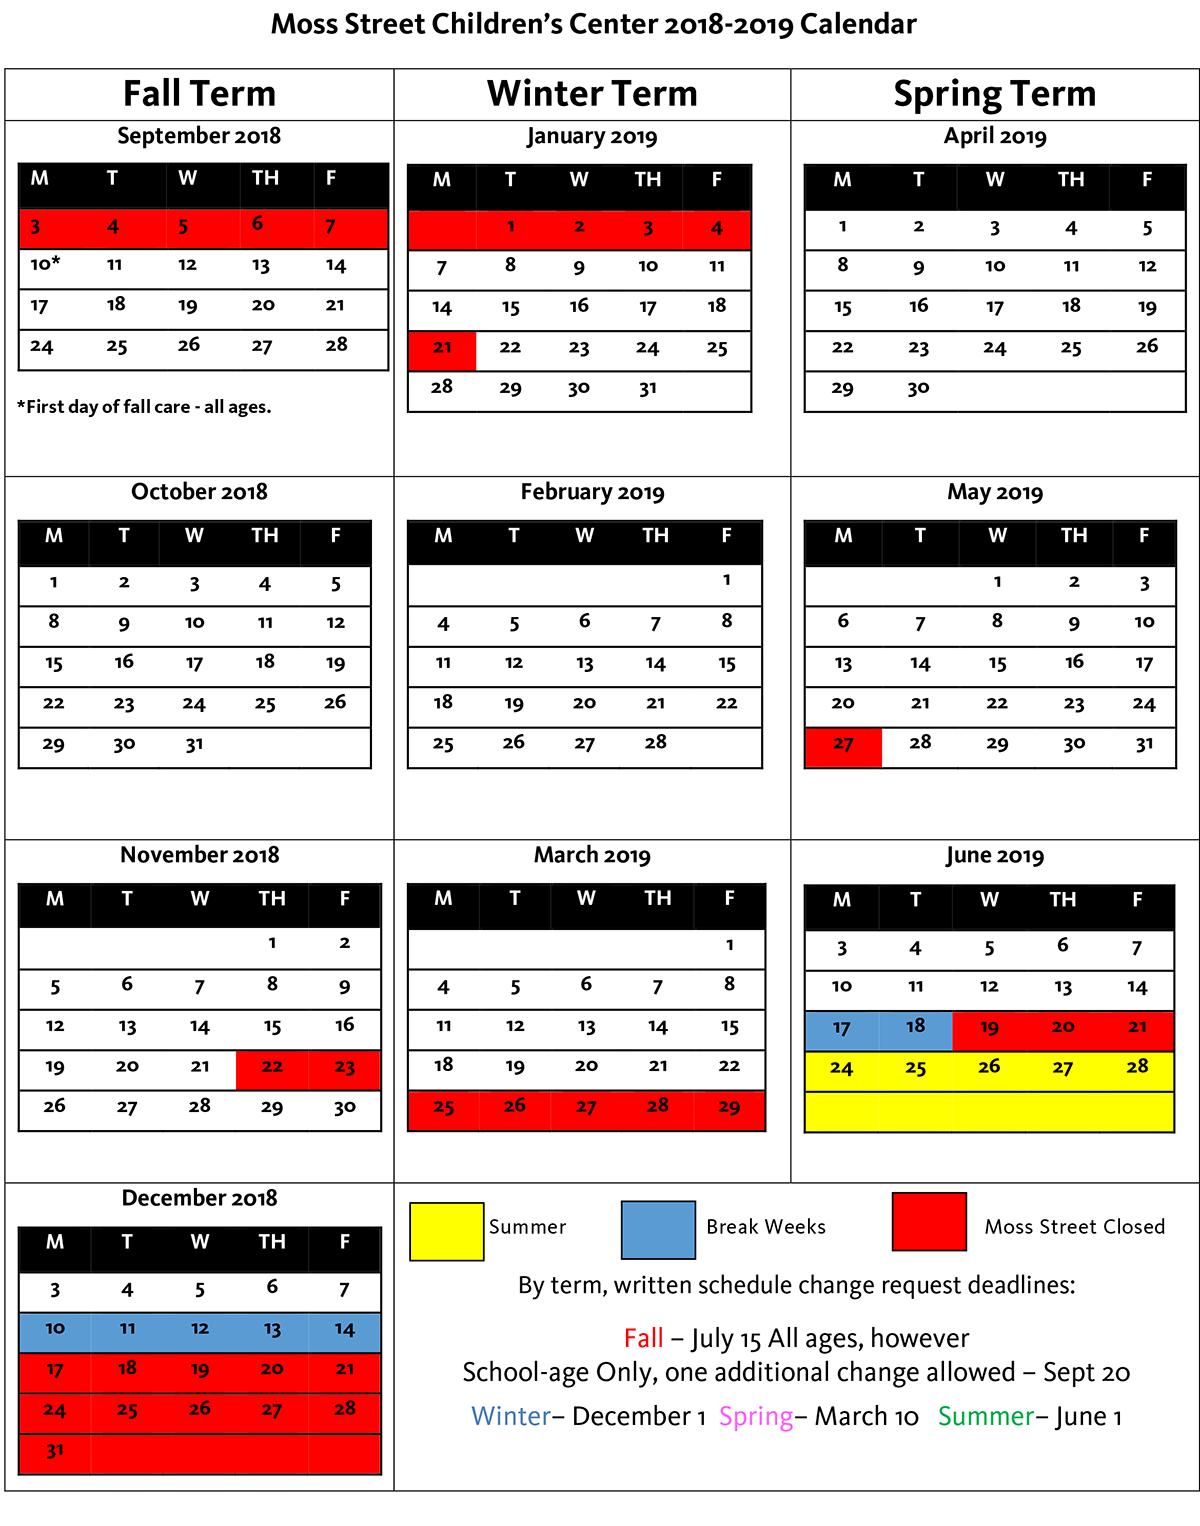 Moss Street Calendar for 2018-2019